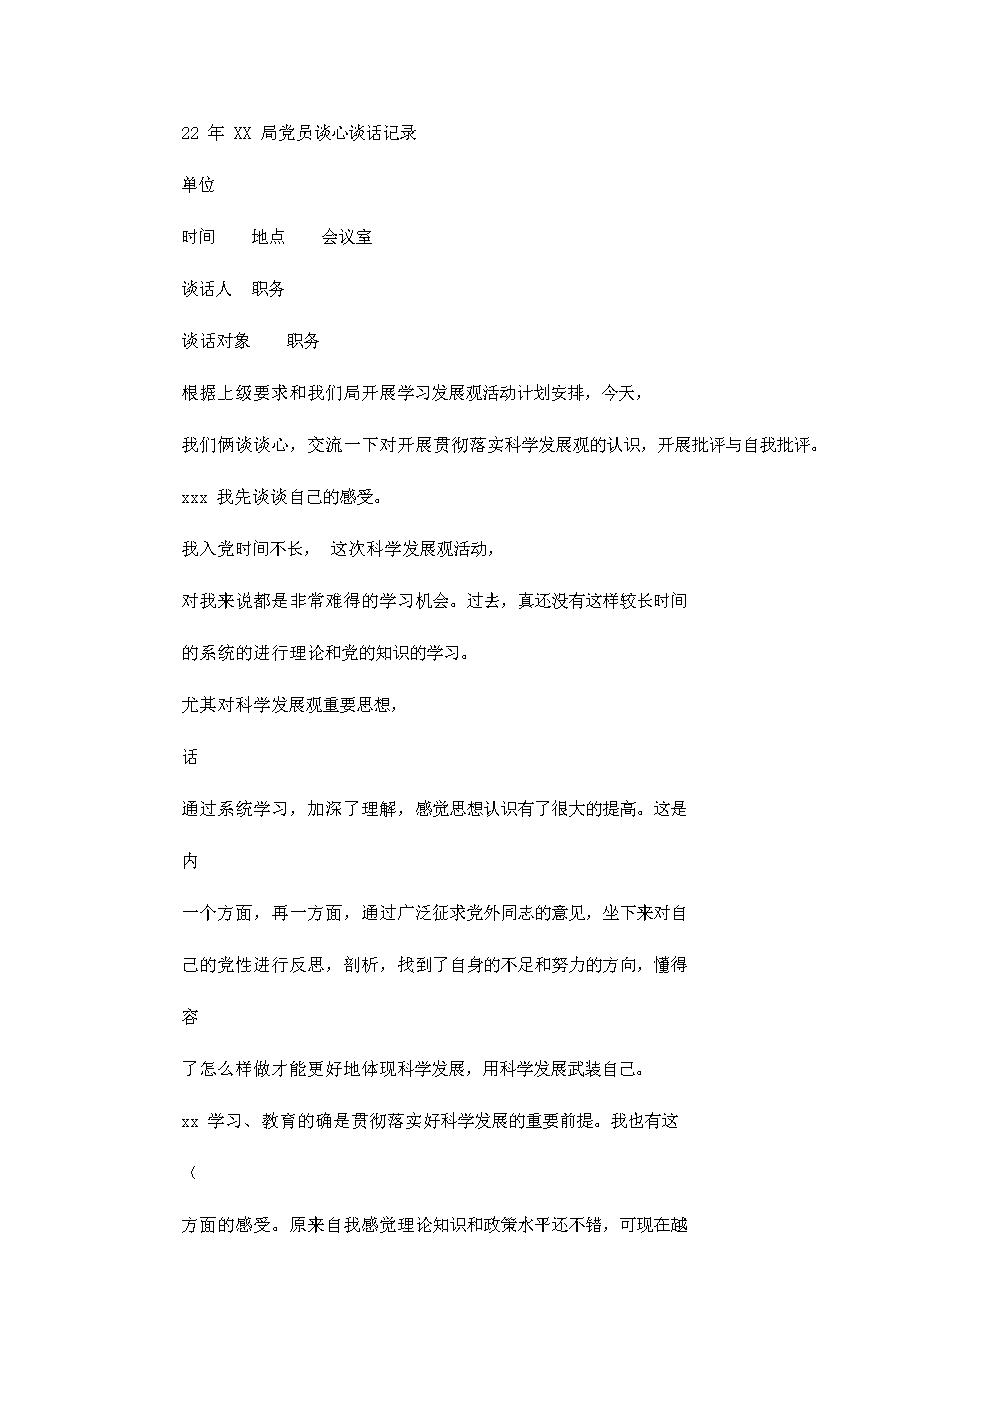 XX局党员谈心谈话记录.doc